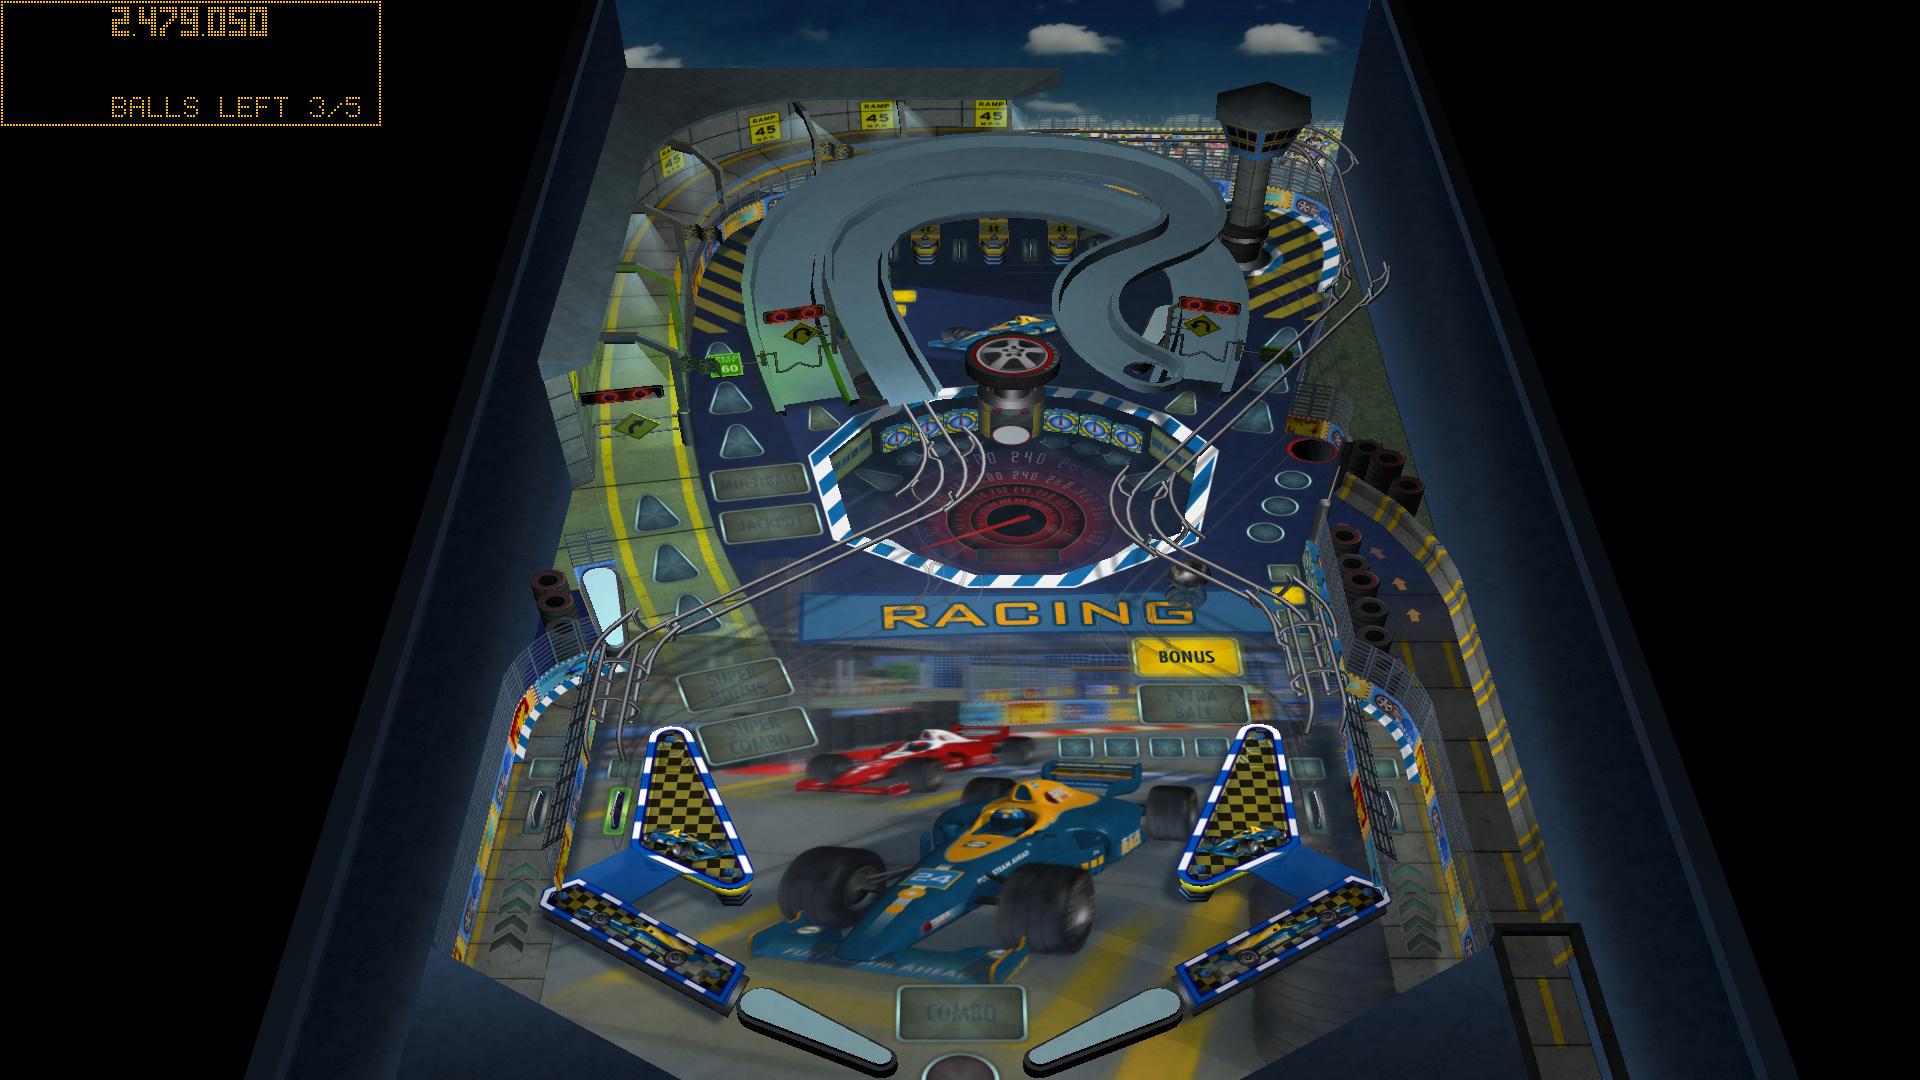 com.steam.373800-screenshot